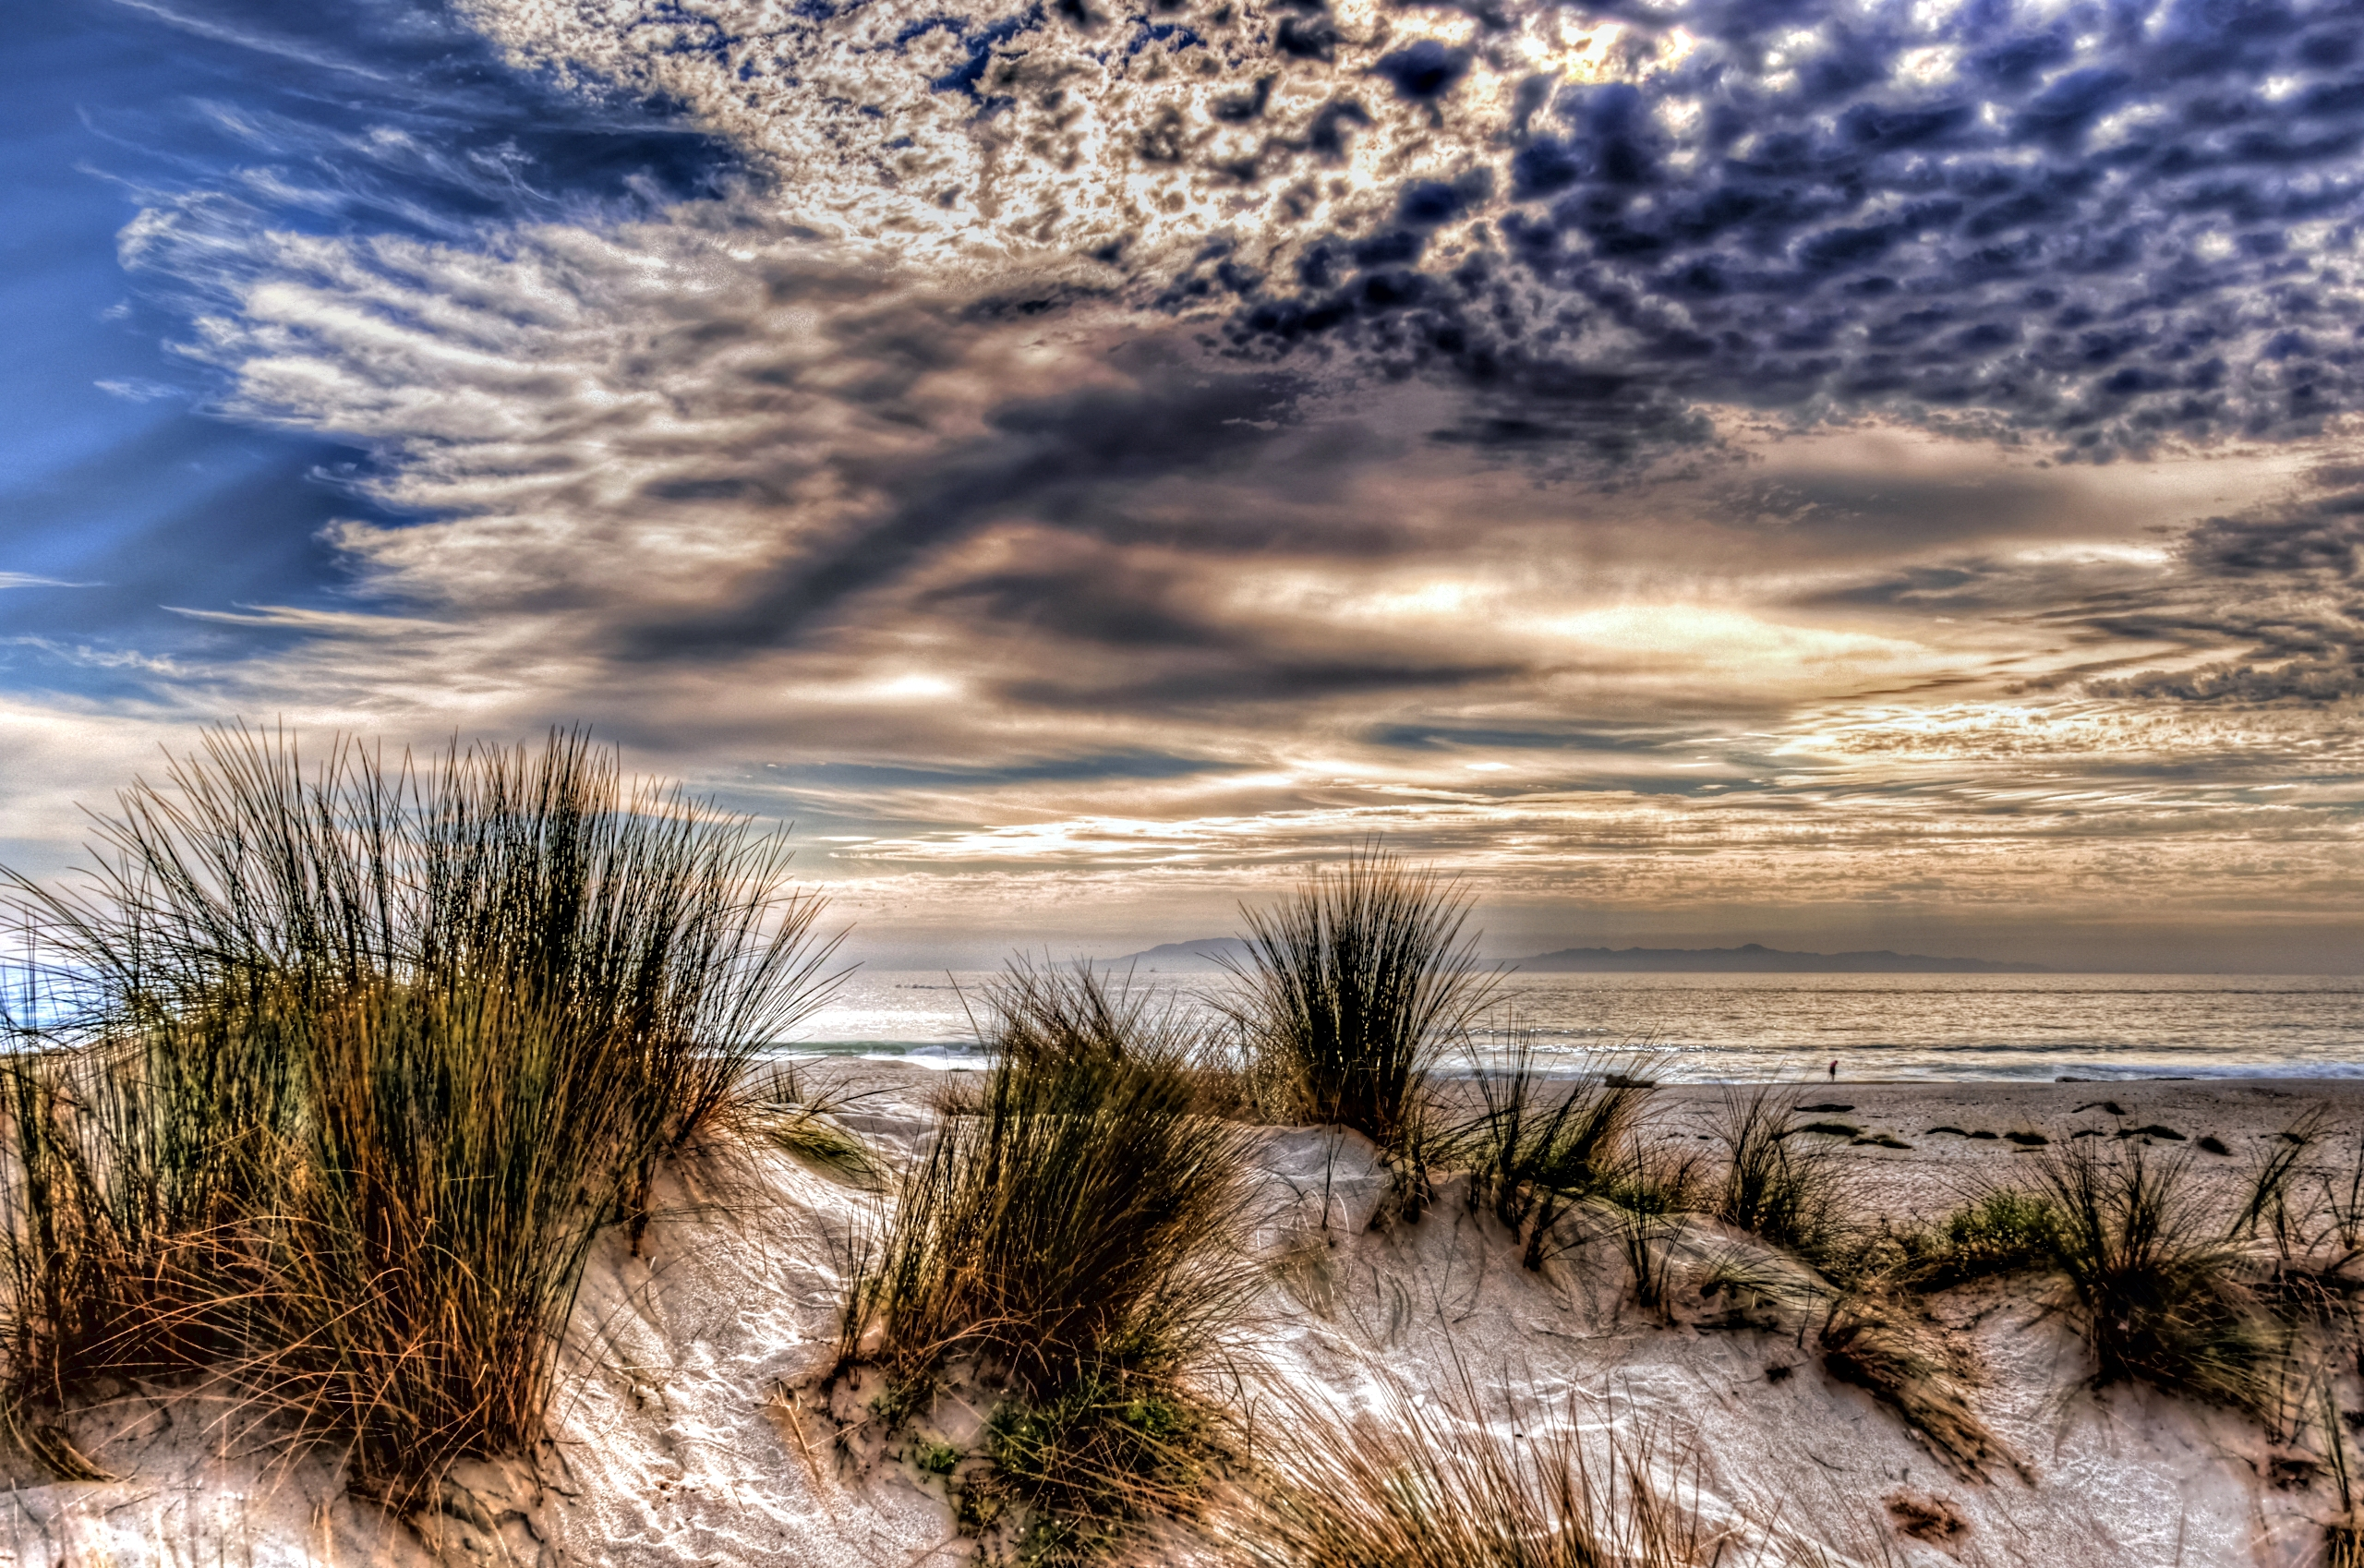 Still doin' the dunes